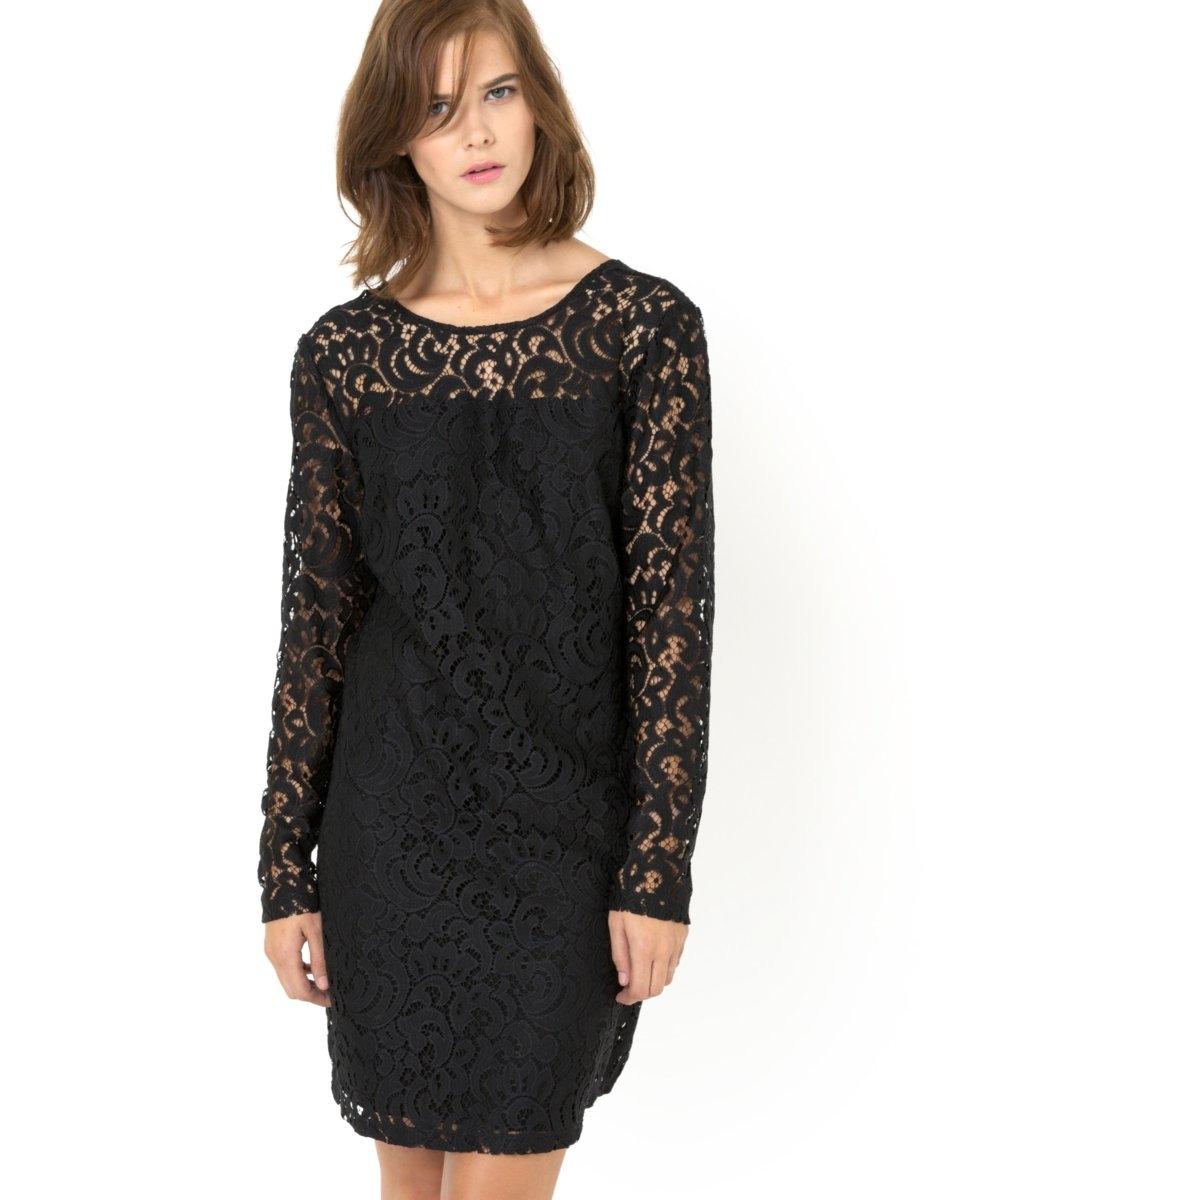 Платье прямое кружевное, длинные рукава, на подкладке, круглый вырез